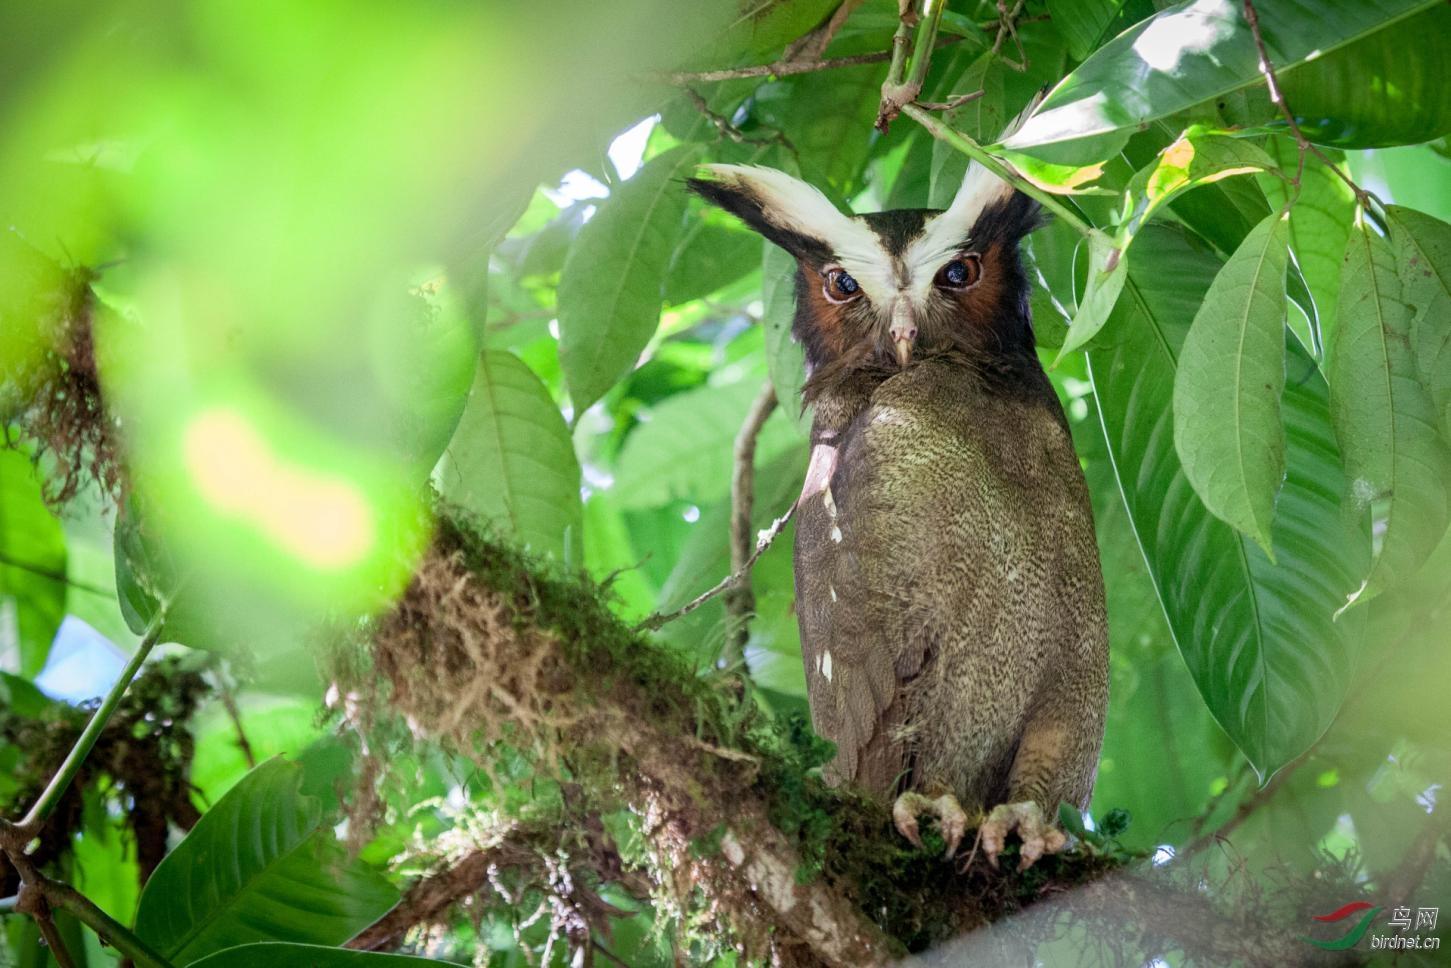 16天哥斯达黎加拍鸟团_页面_24_图像_0001.jpg